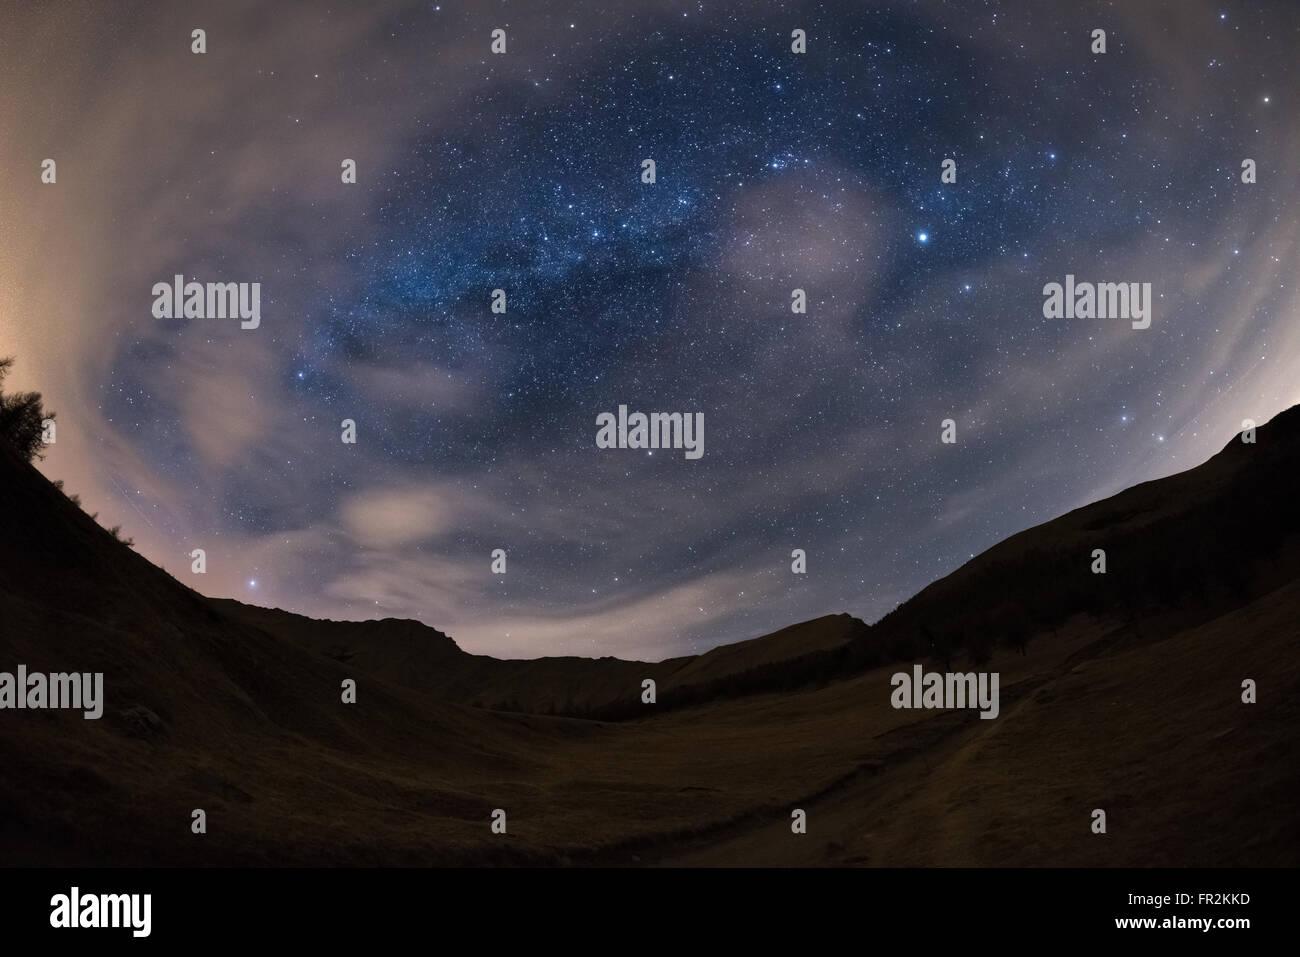 180 Grado Vista Del Cielo Stellato E La Via Lattea Sulle Alpi Con